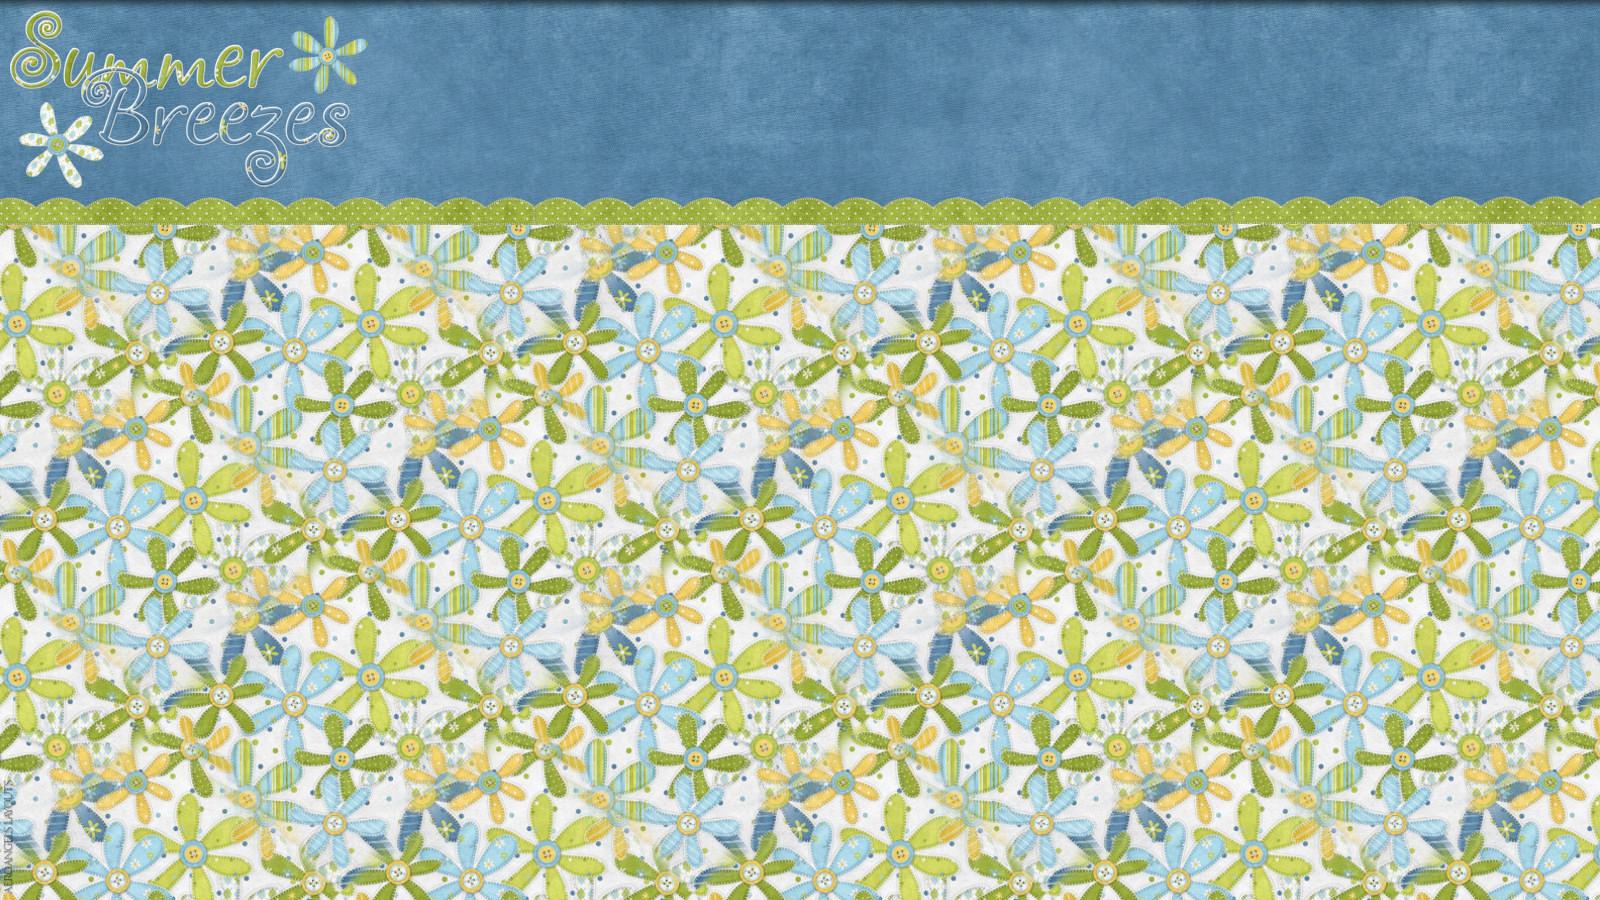 Summer Breezes Twitter Backgrounds Summer Breezes Twitter Themes 1600x900